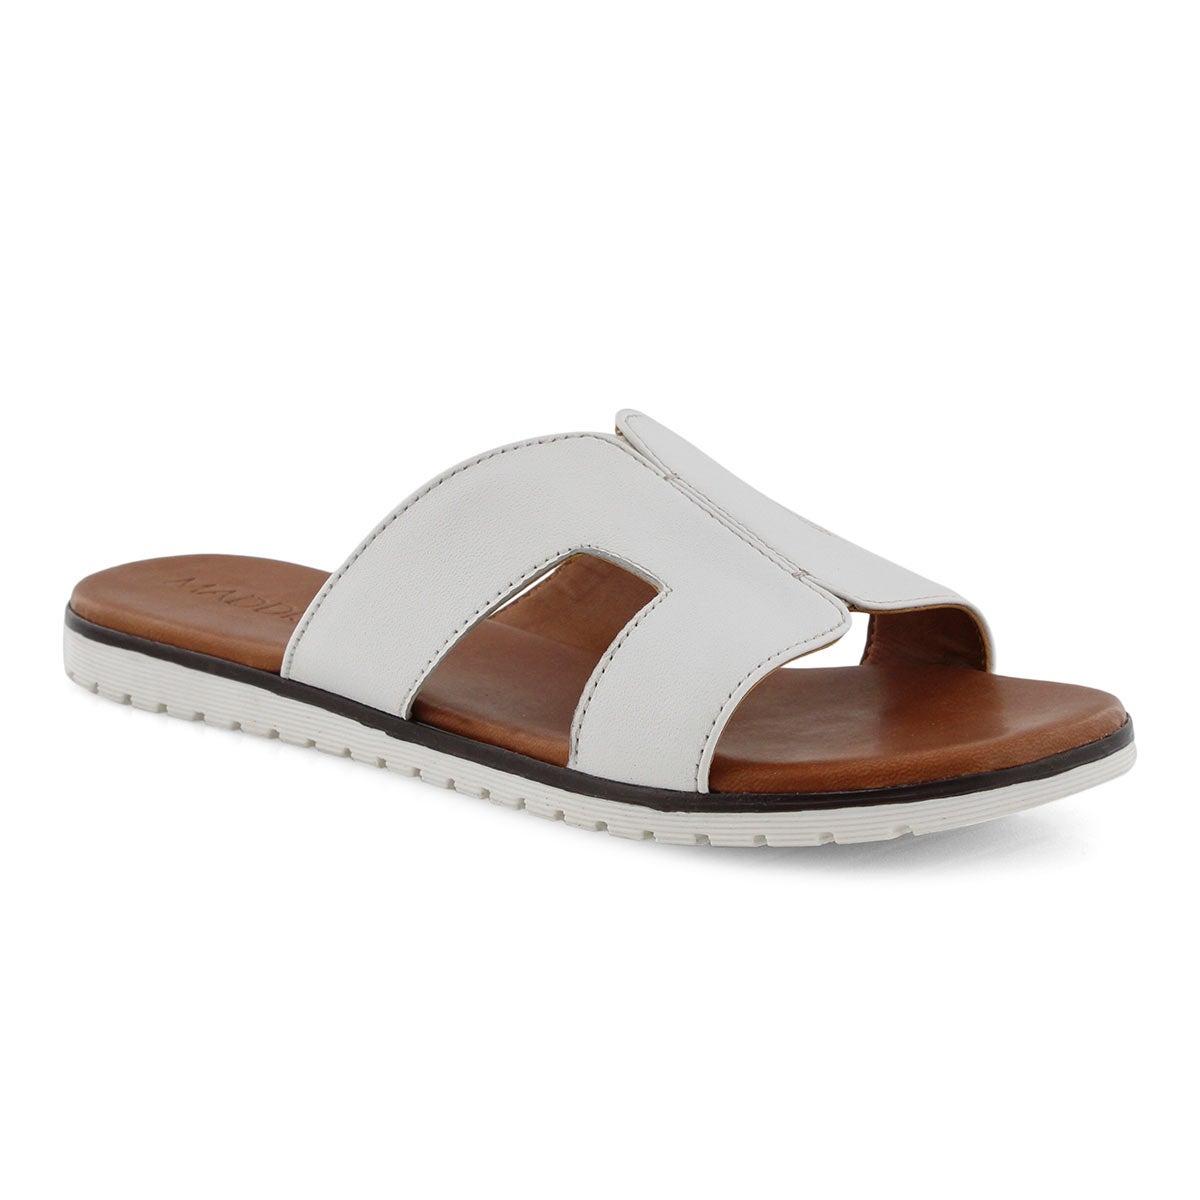 Lds Gillian white slide sandal